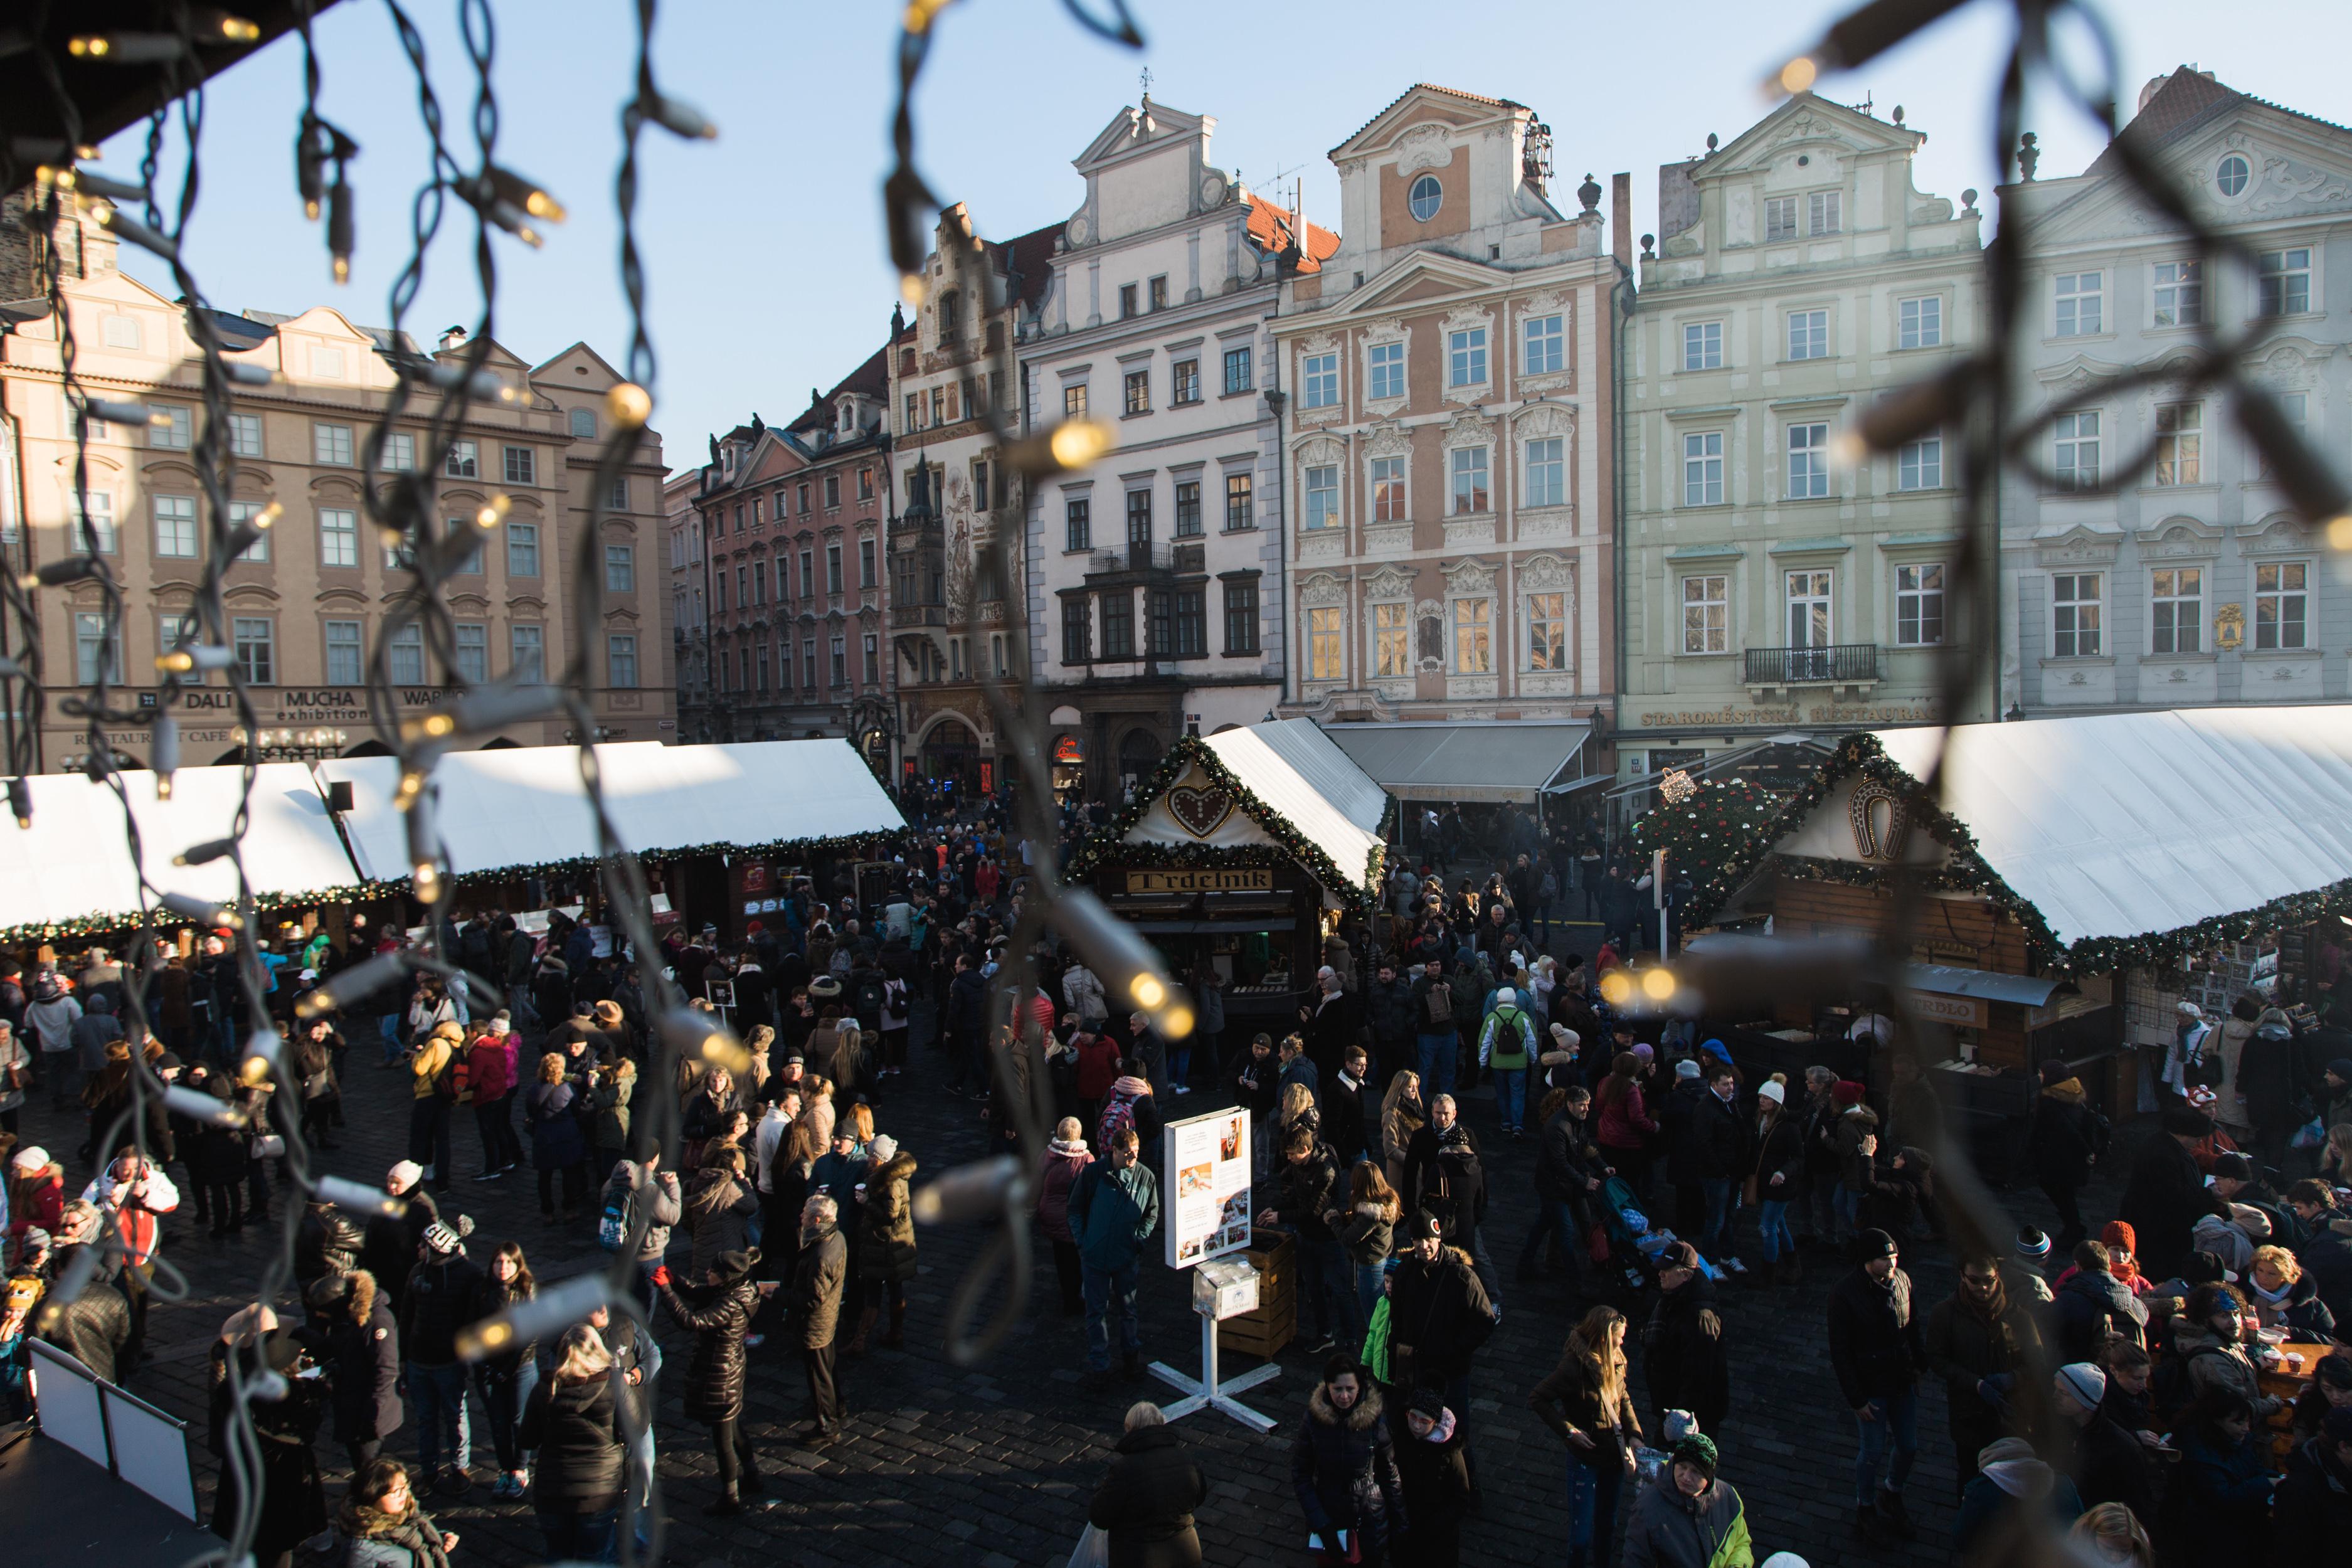 Praagse kerstmarkt